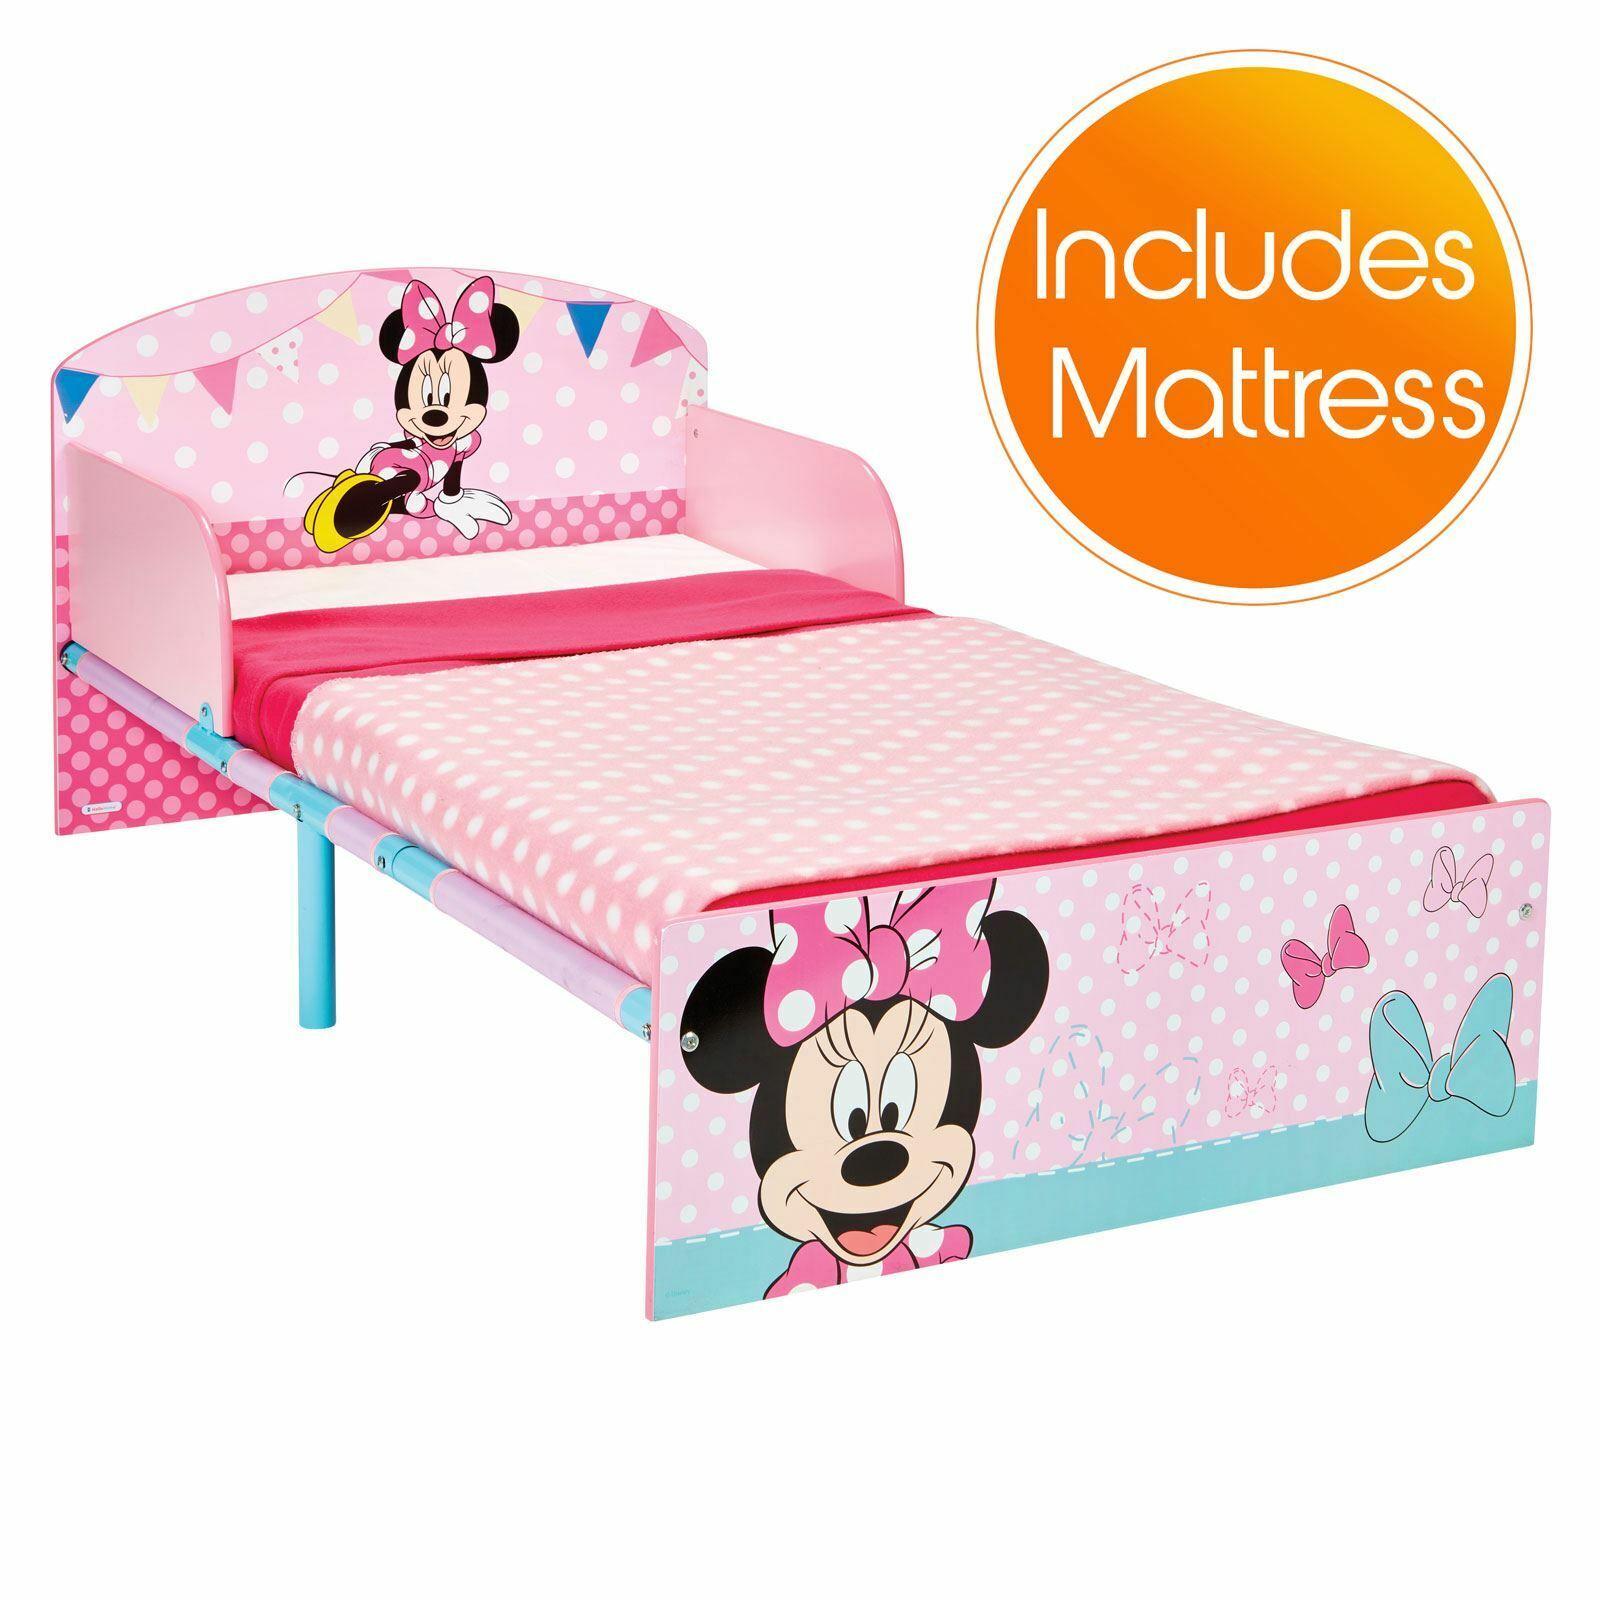 Officiel Minnie Mouse bébé lit avec Entièrement Sprung Matelas Officiel Gratuit P + P